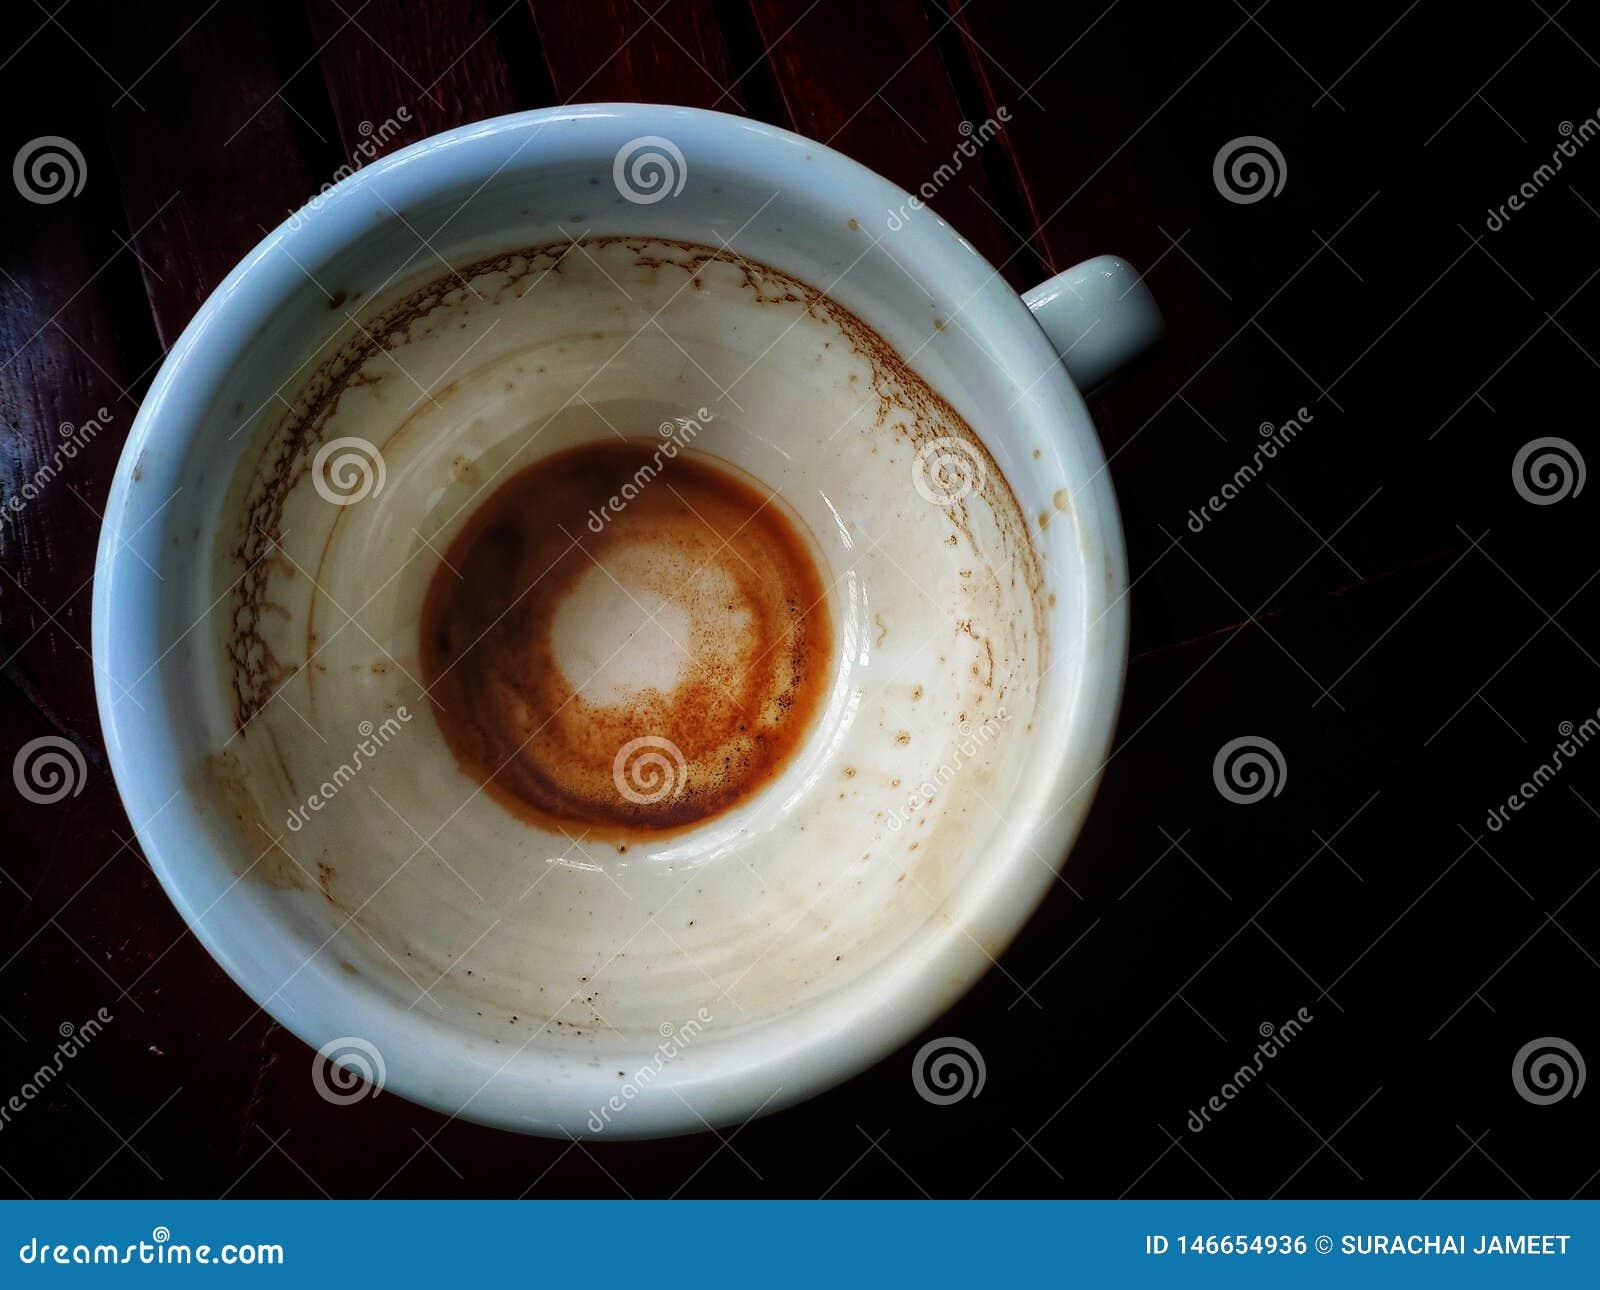 Uma xícara de café após ter bebido e ter visto somente as sucatas do café na parte inferior